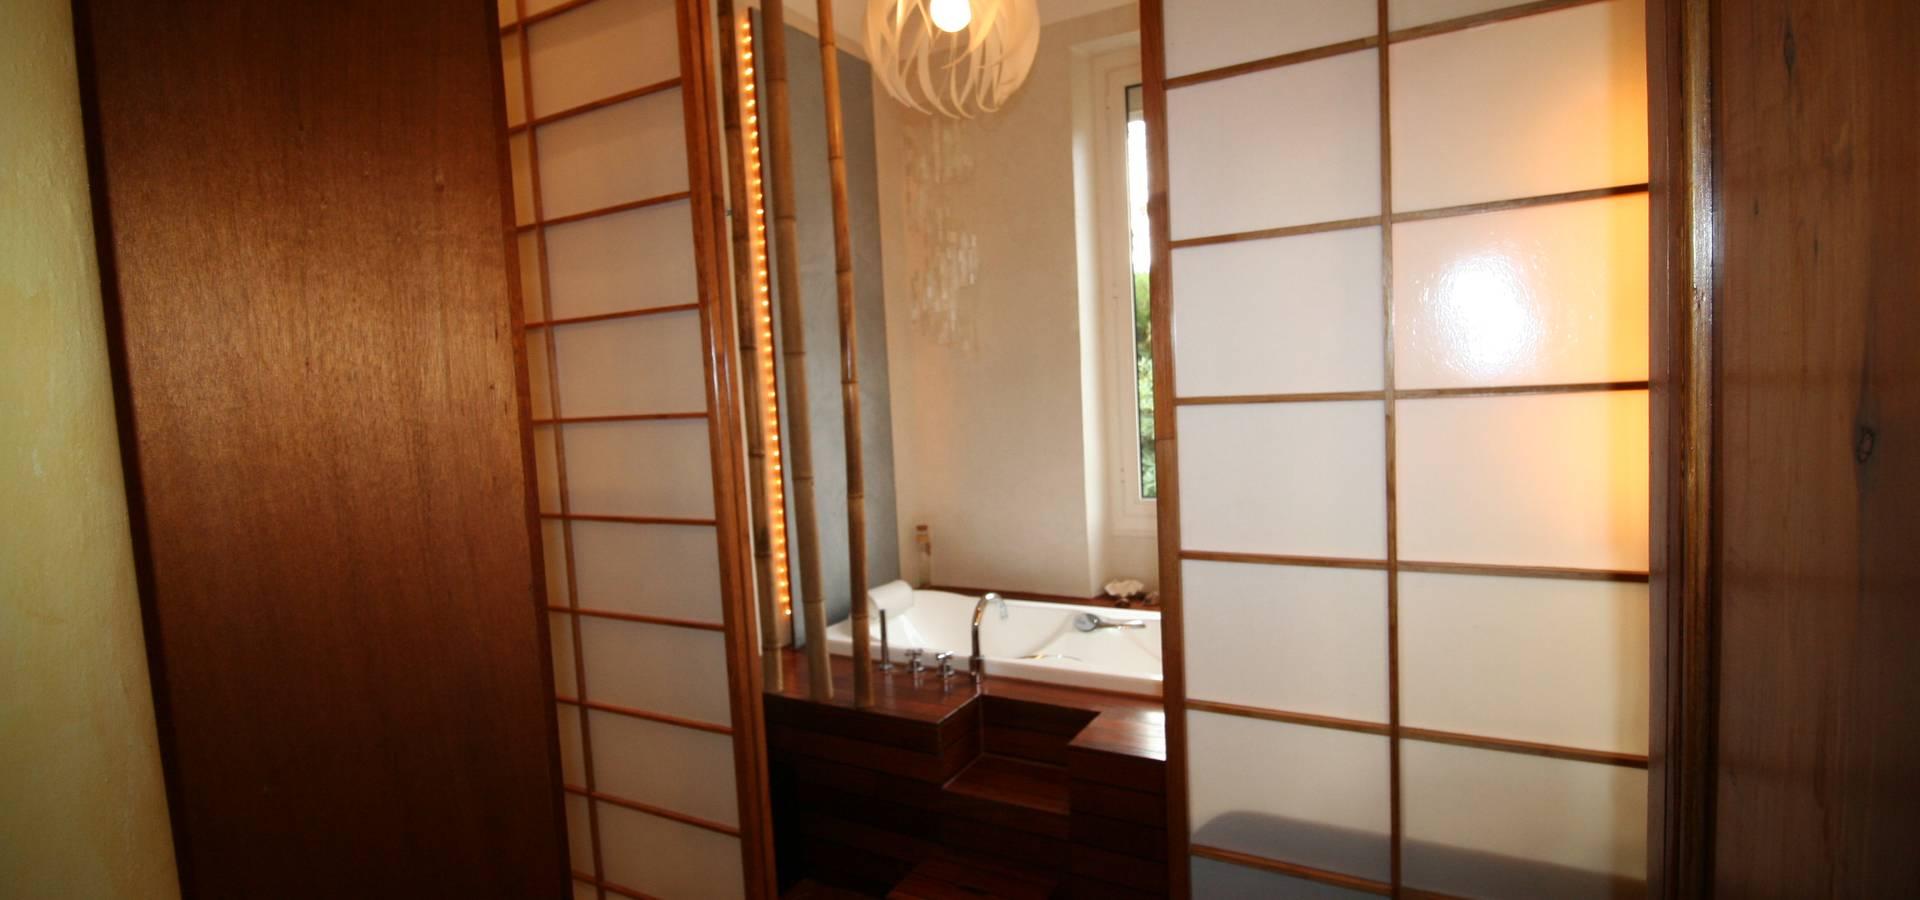 Salle De Bain De Luxe En Pierre ~ salle de bain avec vue sur la verdure by lm interieur design homify